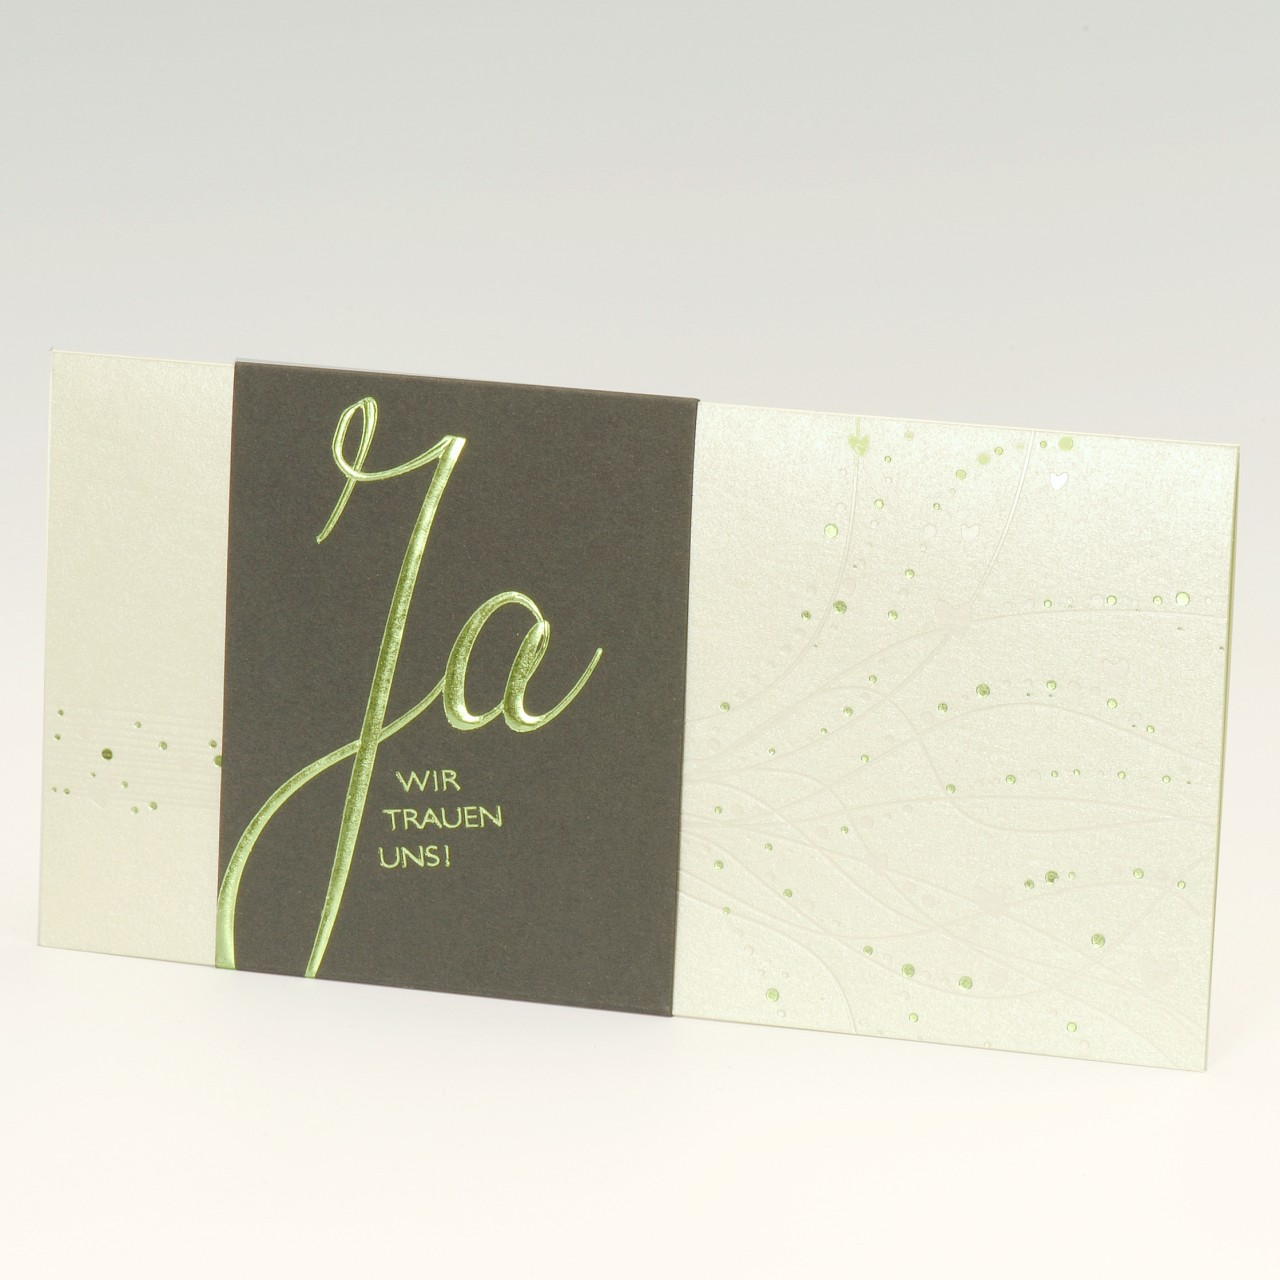 Mintgrüne Einladungskarte mit dunkelgrüner Banderole